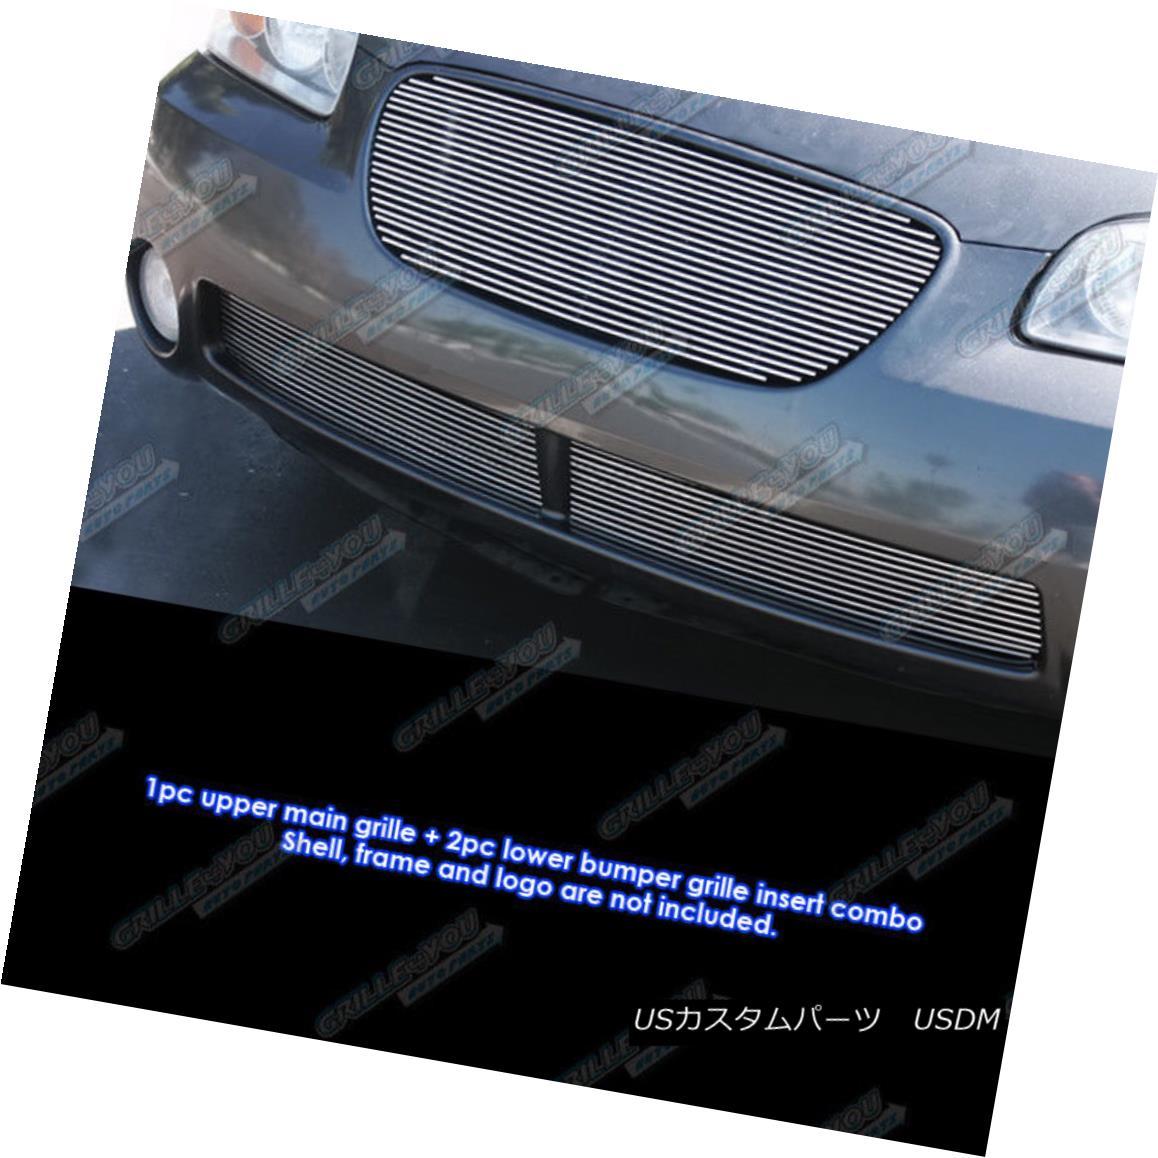 グリル Fits 2002-2003 Nissan Maxima SE/GXE Billet Grill Grille Combo Insert フィット2002-2003日産マキシマSE / GXEビレットグリルグリルコンボインサート